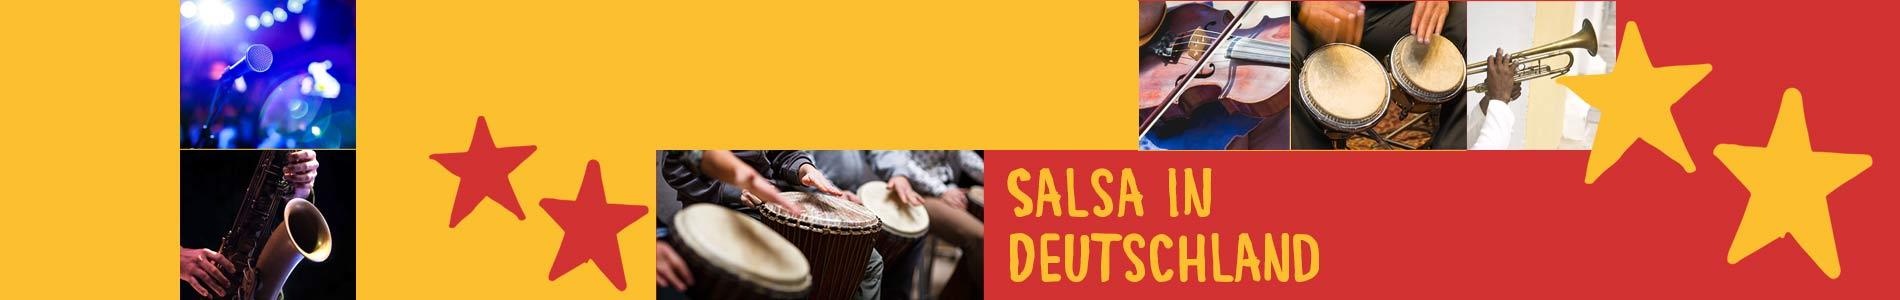 Salsa in Burgebrach – Salsa lernen und tanzen, Tanzkurse, Partys, Veranstaltungen